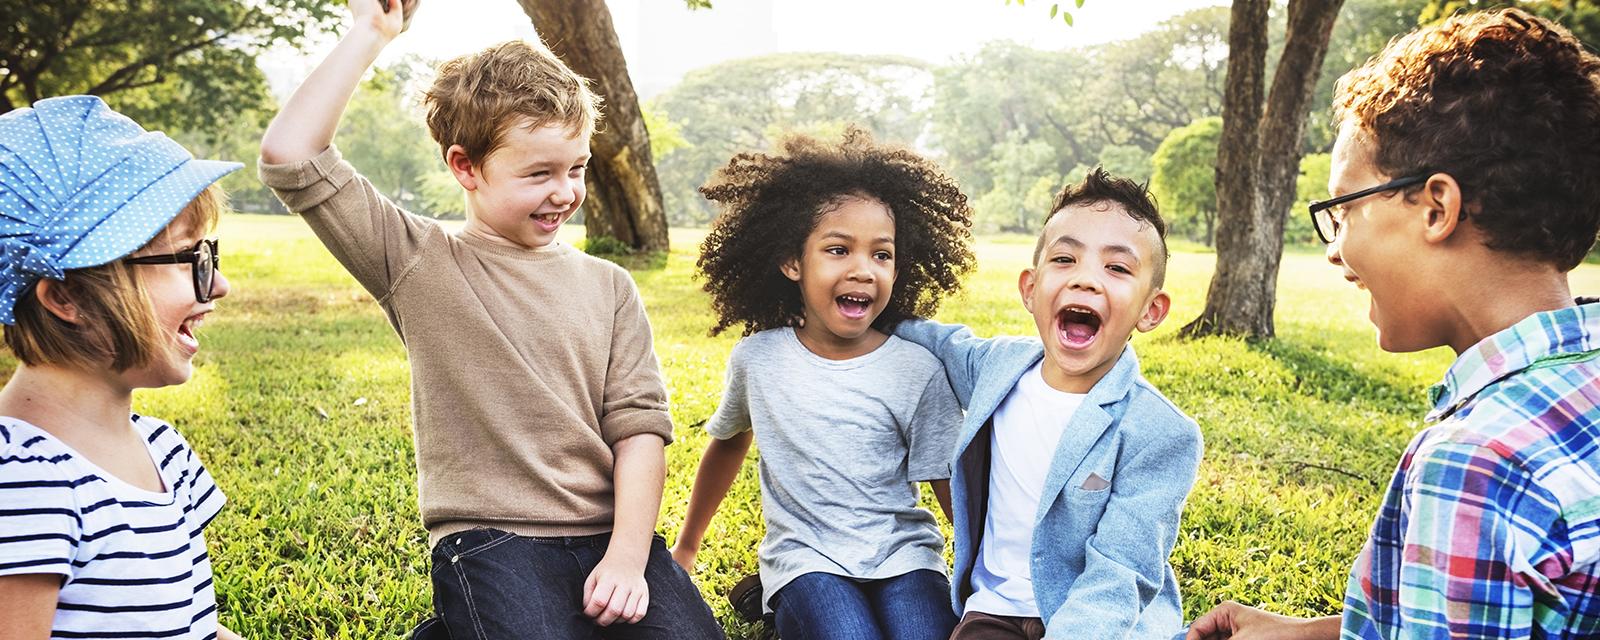 <h2>Sterke buurten en dorpskernen</h2><div>Meer speel- en ontmoetingsruimte, lokale handel, open scholen en veilige straten: we investeren volop in leefbaarheid, ook in de kleinere kernen Genebos en Genendijk.</div>